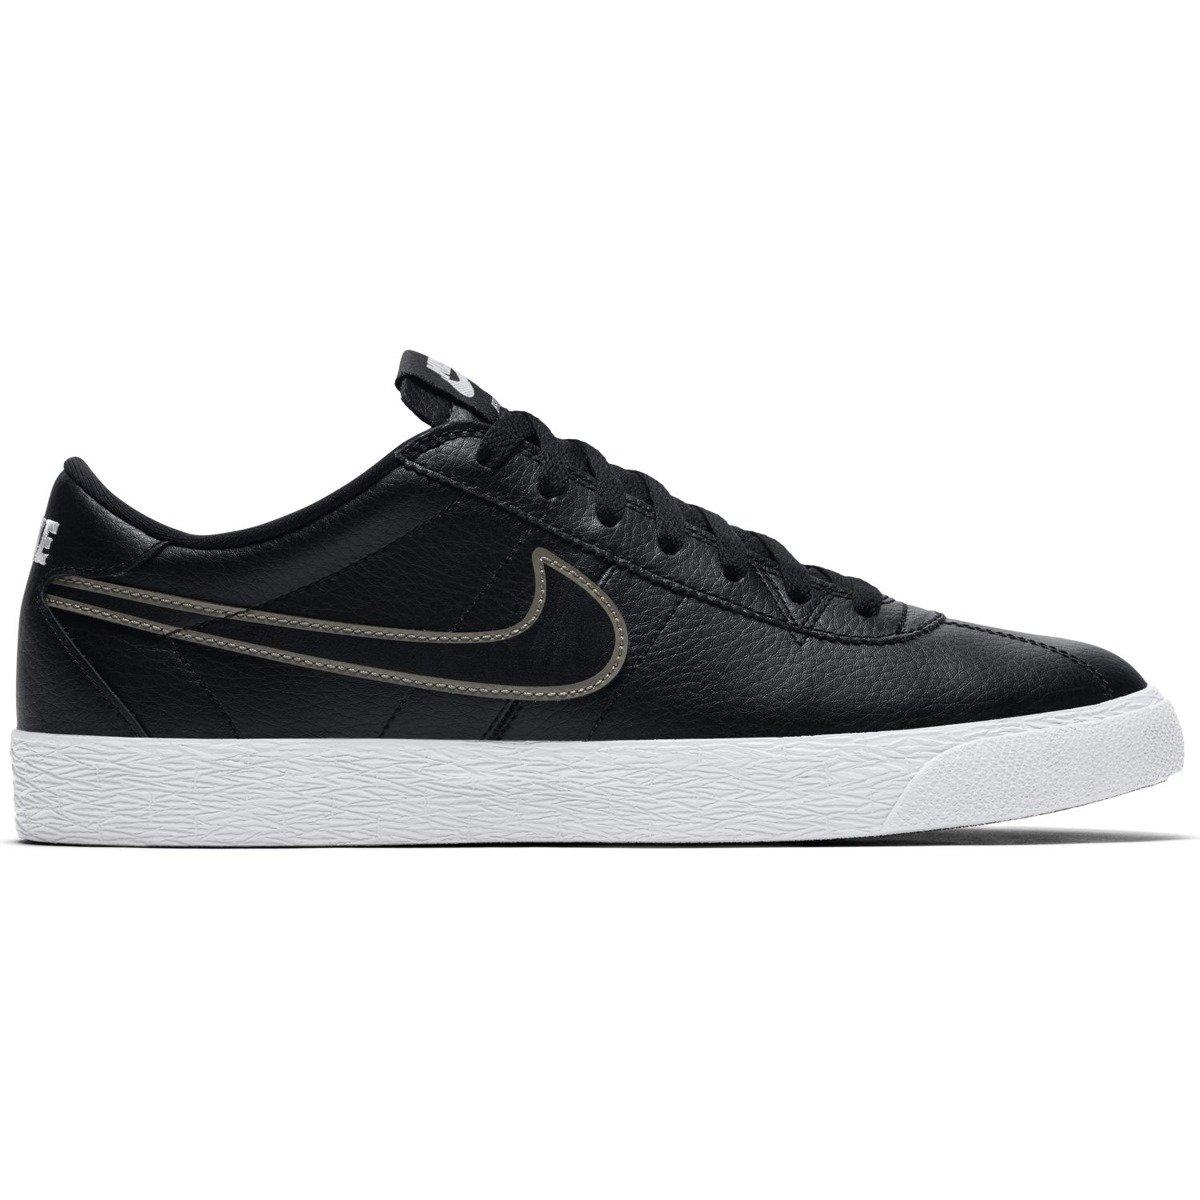 sports shoes 35e1b 6bfb7 nike sb blazer zoom m xt bota